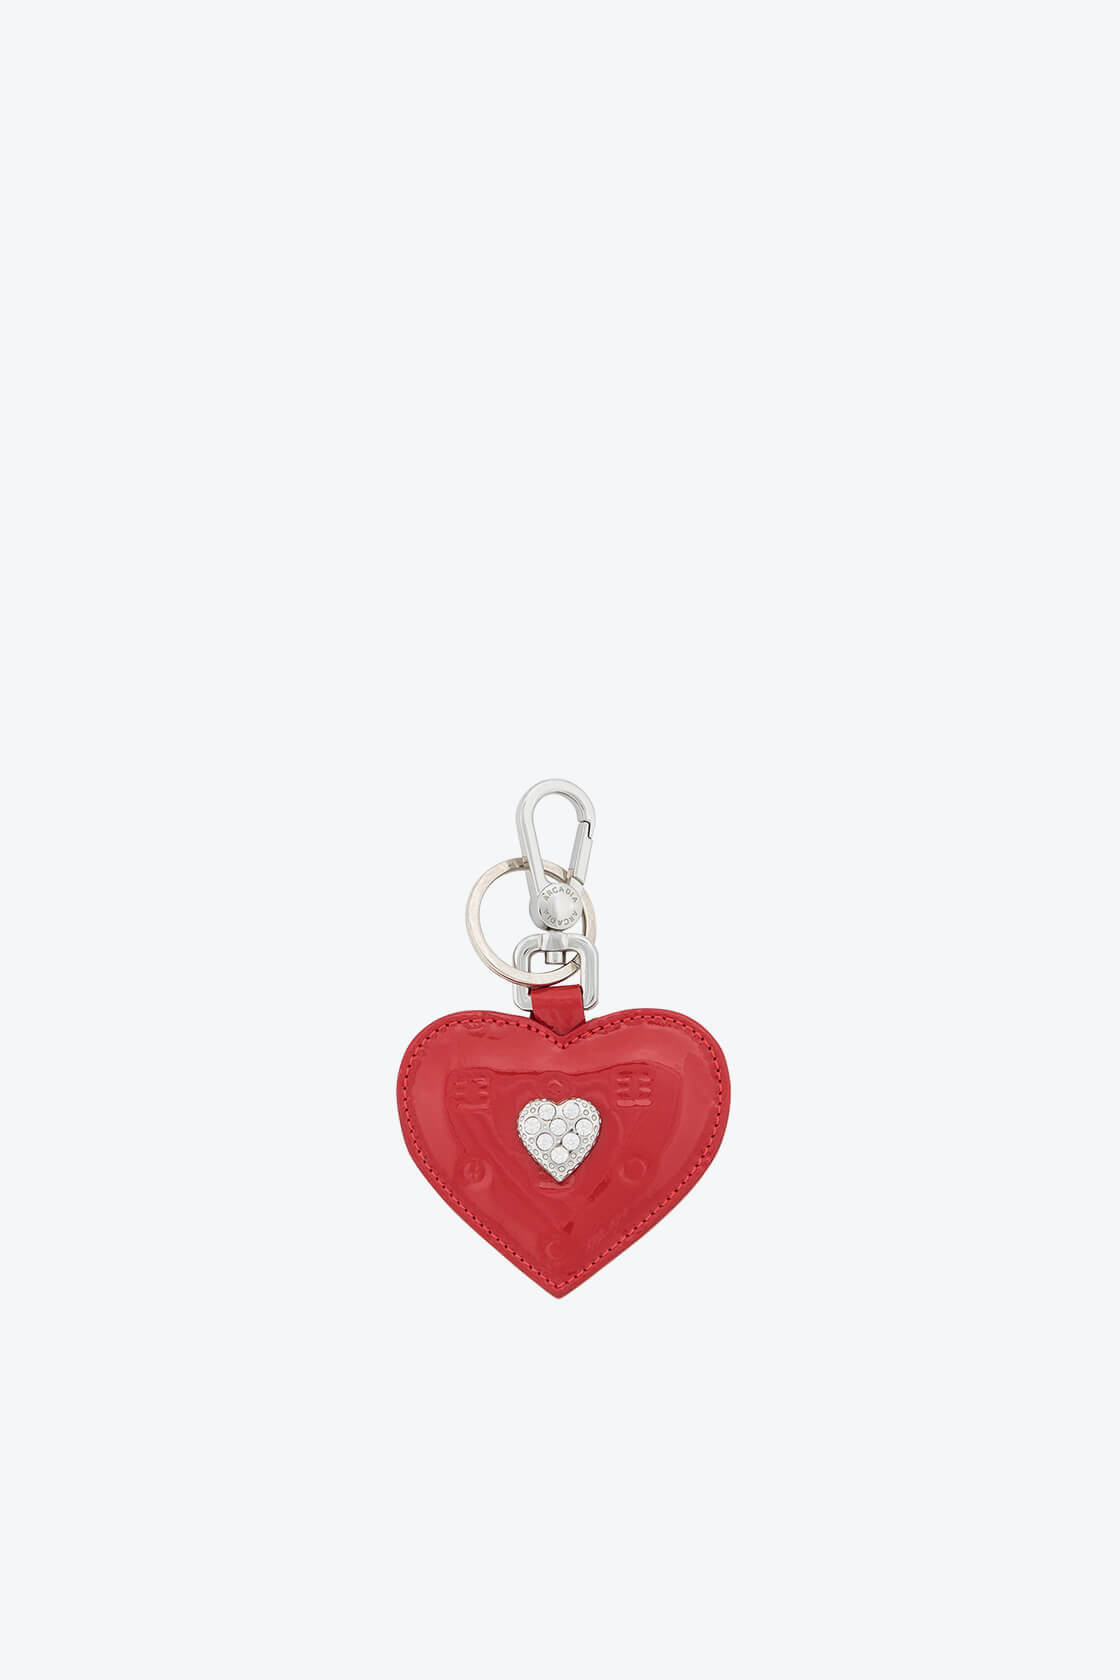 ol80000335 keyring heart swarovski stones 1